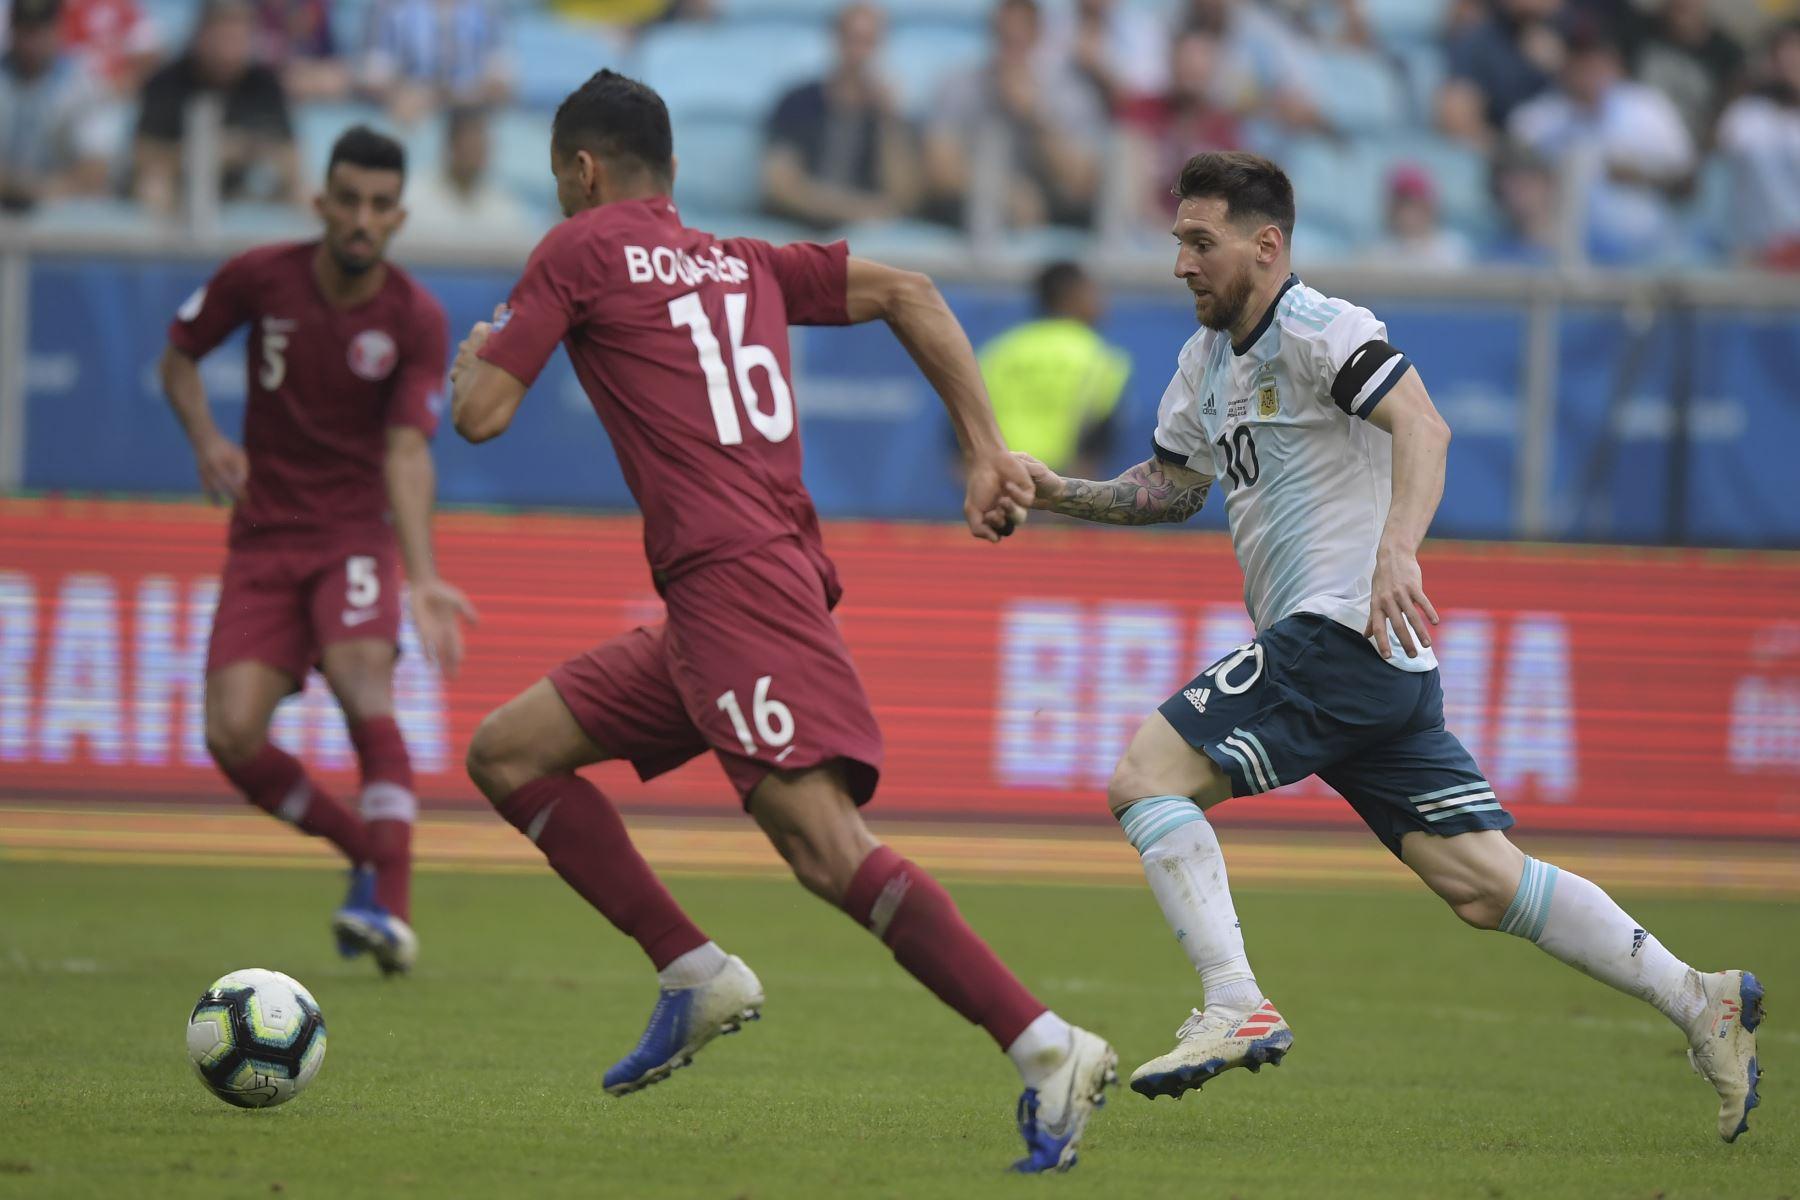 Lionel Messi (R) de Argentina y Boualem Khoukhi de Qatar compiten por el balón durante su partido de torneo de fútbol de la Copa América 2019. Foto: AFP